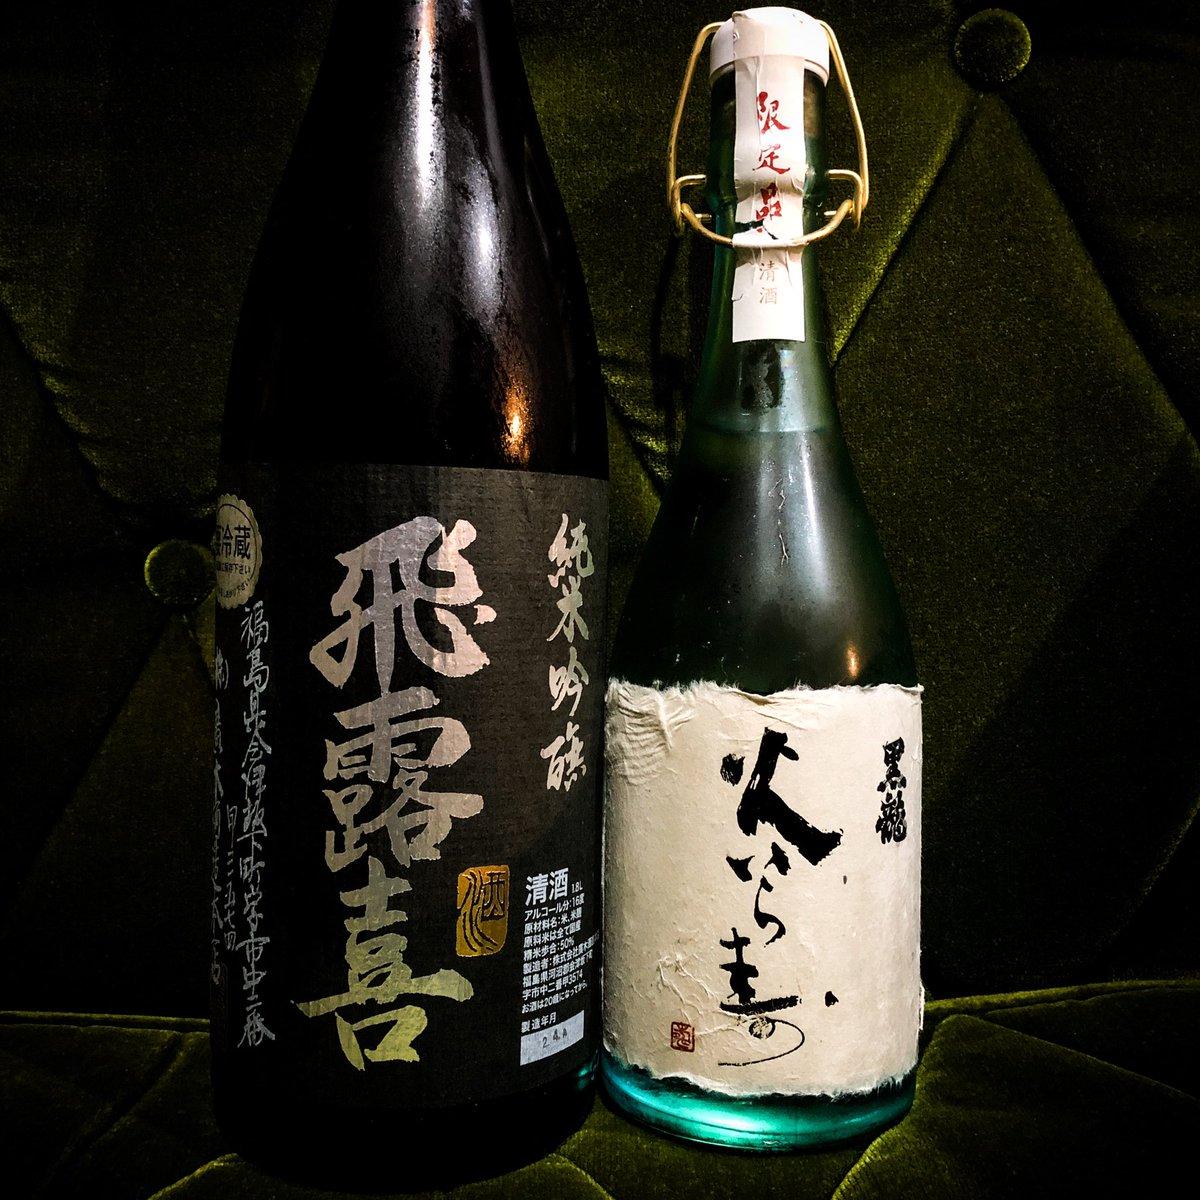 test ツイッターメディア - 「黒龍 火いら寿」 「飛露喜 純米吟醸 生」 今日は良いことがあったのでこの2本を開けます。 特に黒龍は自分が日本酒好きになったきっかけのお酒。学生の頃、安居酒屋のよくわからない日本酒しか飲んだことがなく、日本酒に苦手意識しかなかった自分に八十八号は衝撃でした。 https://t.co/xgIMZB8eNe